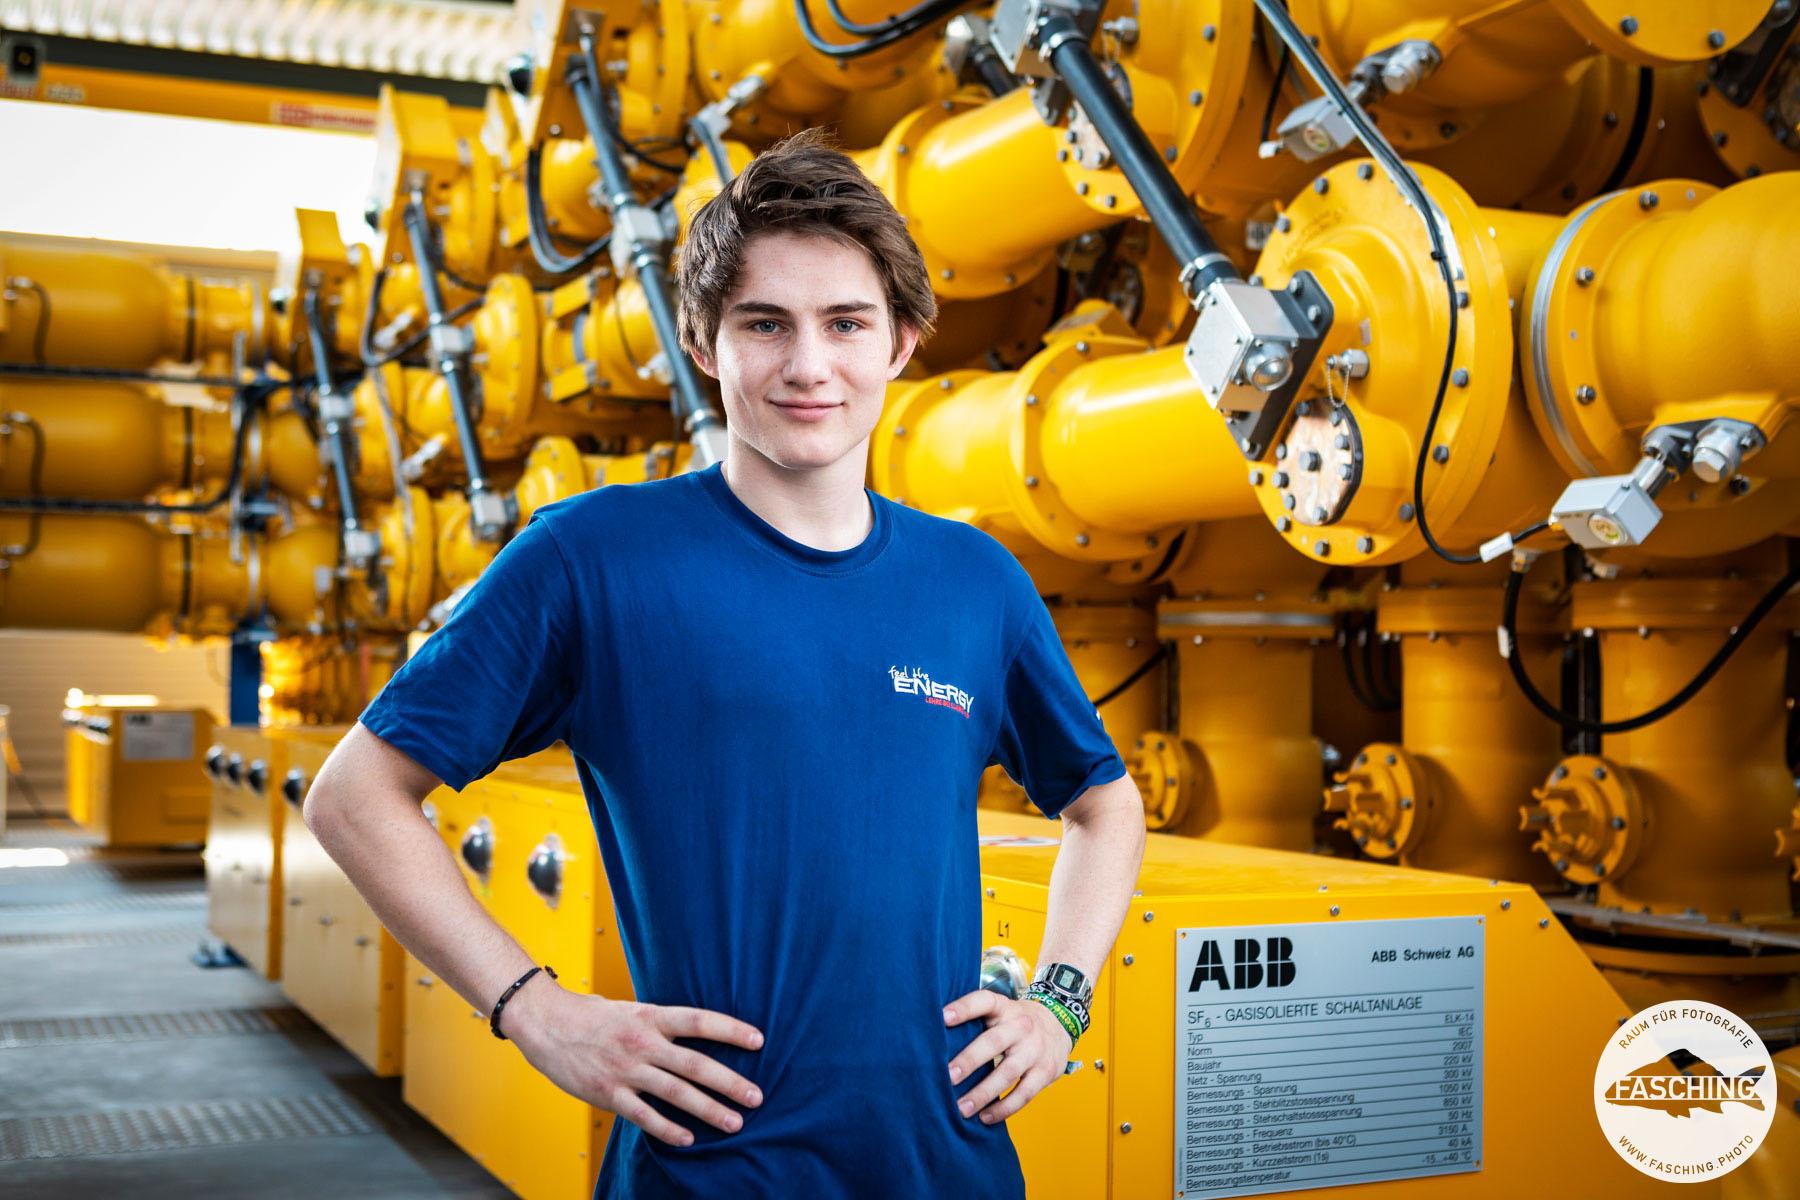 Lehrlingskampagne für das Vorarlberger Unternehmen Illwerke. Industriefotografie und Portraitfotografie kombiniert von Fotostudio Fasching